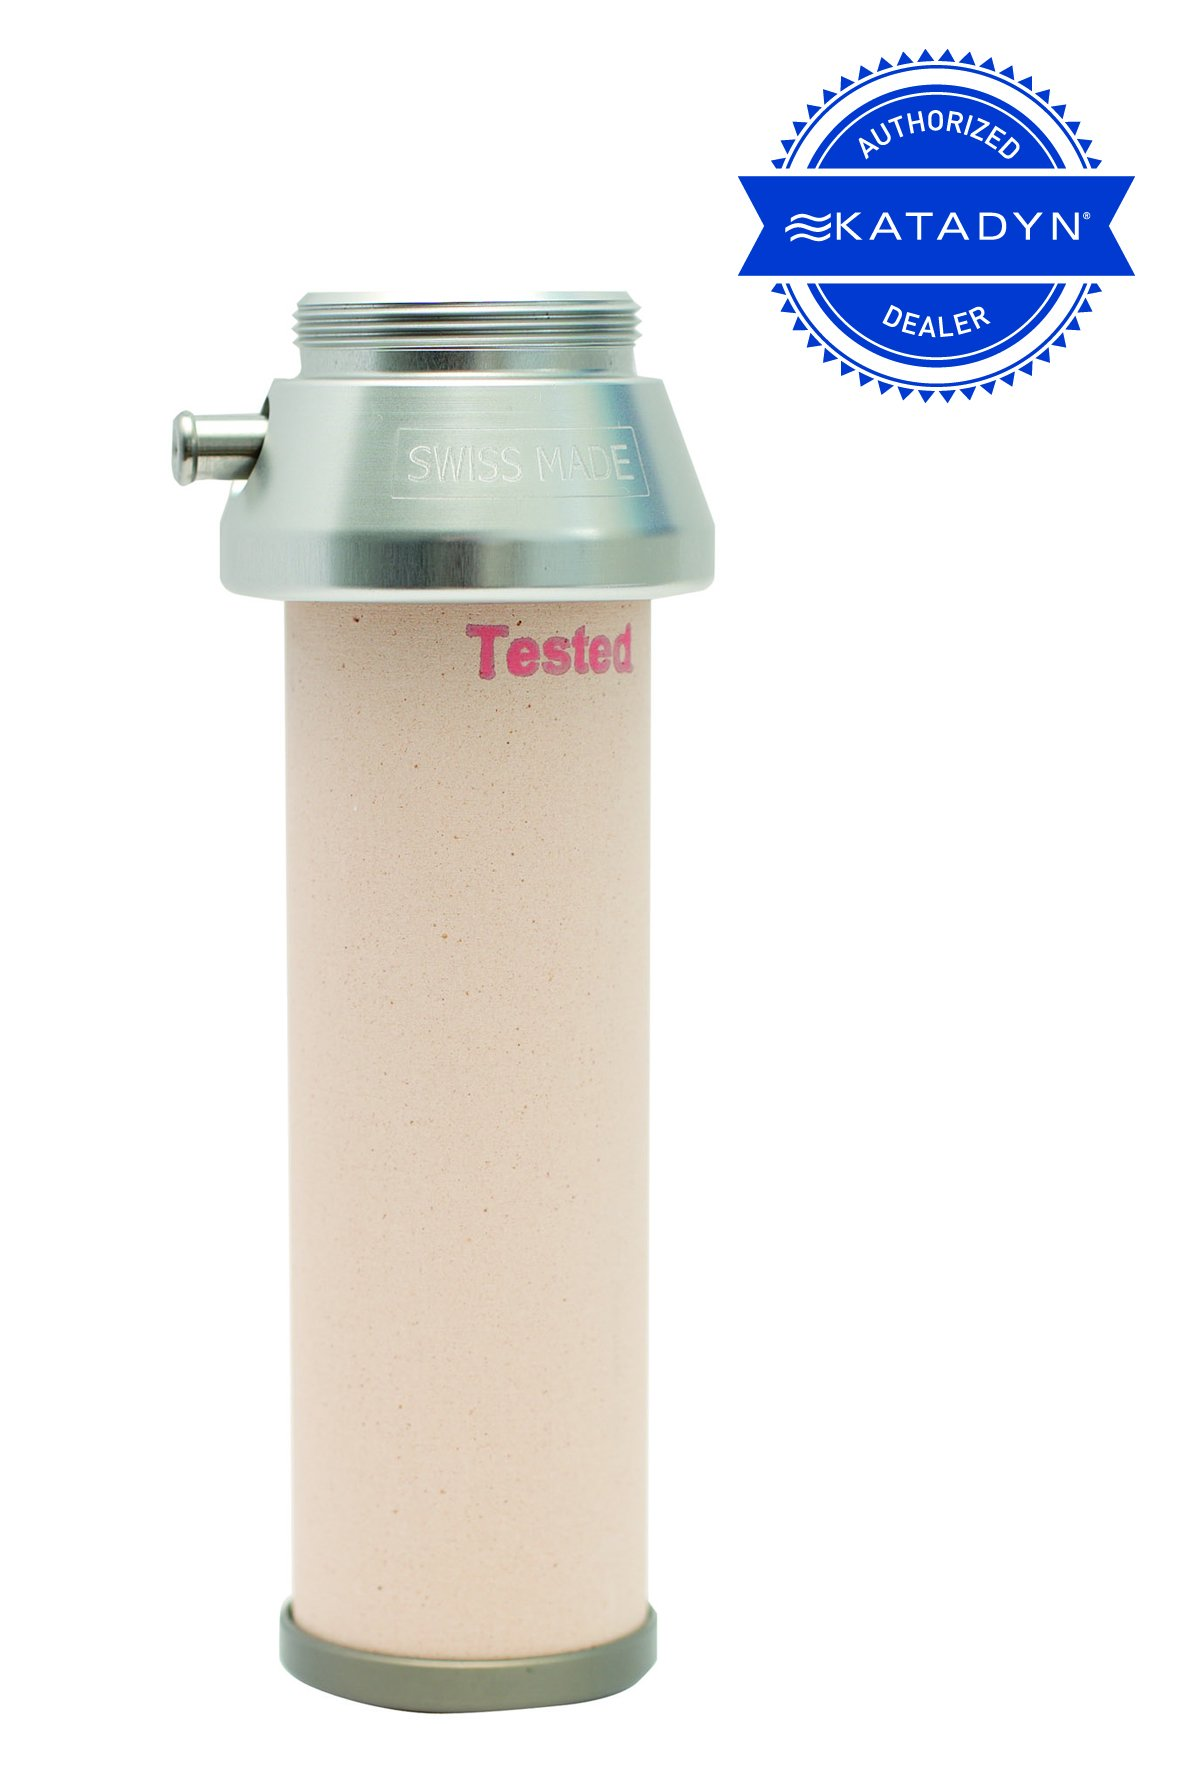 katadyn pocket filter ersatzkeramikelement sichersatt